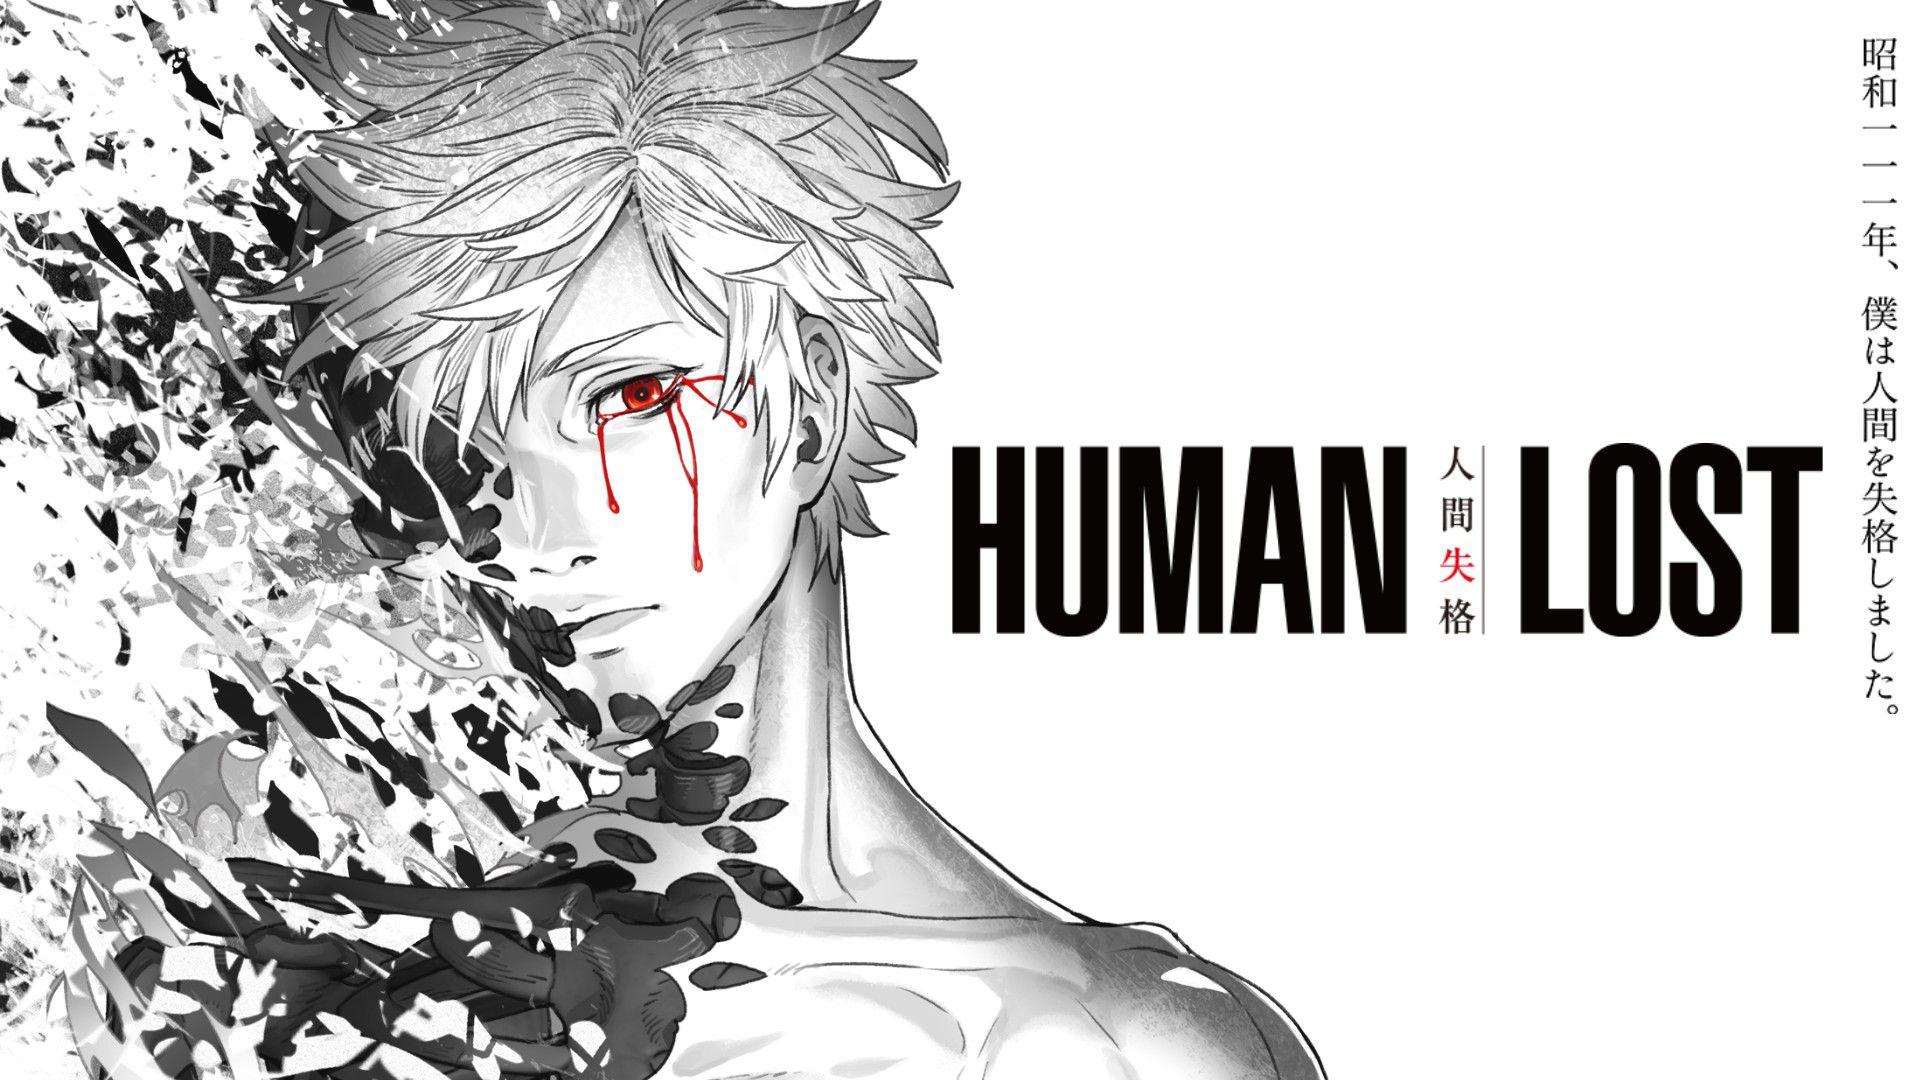 Human Lost Il Manga Si E Concluso Ecco Di Cosa Parla L